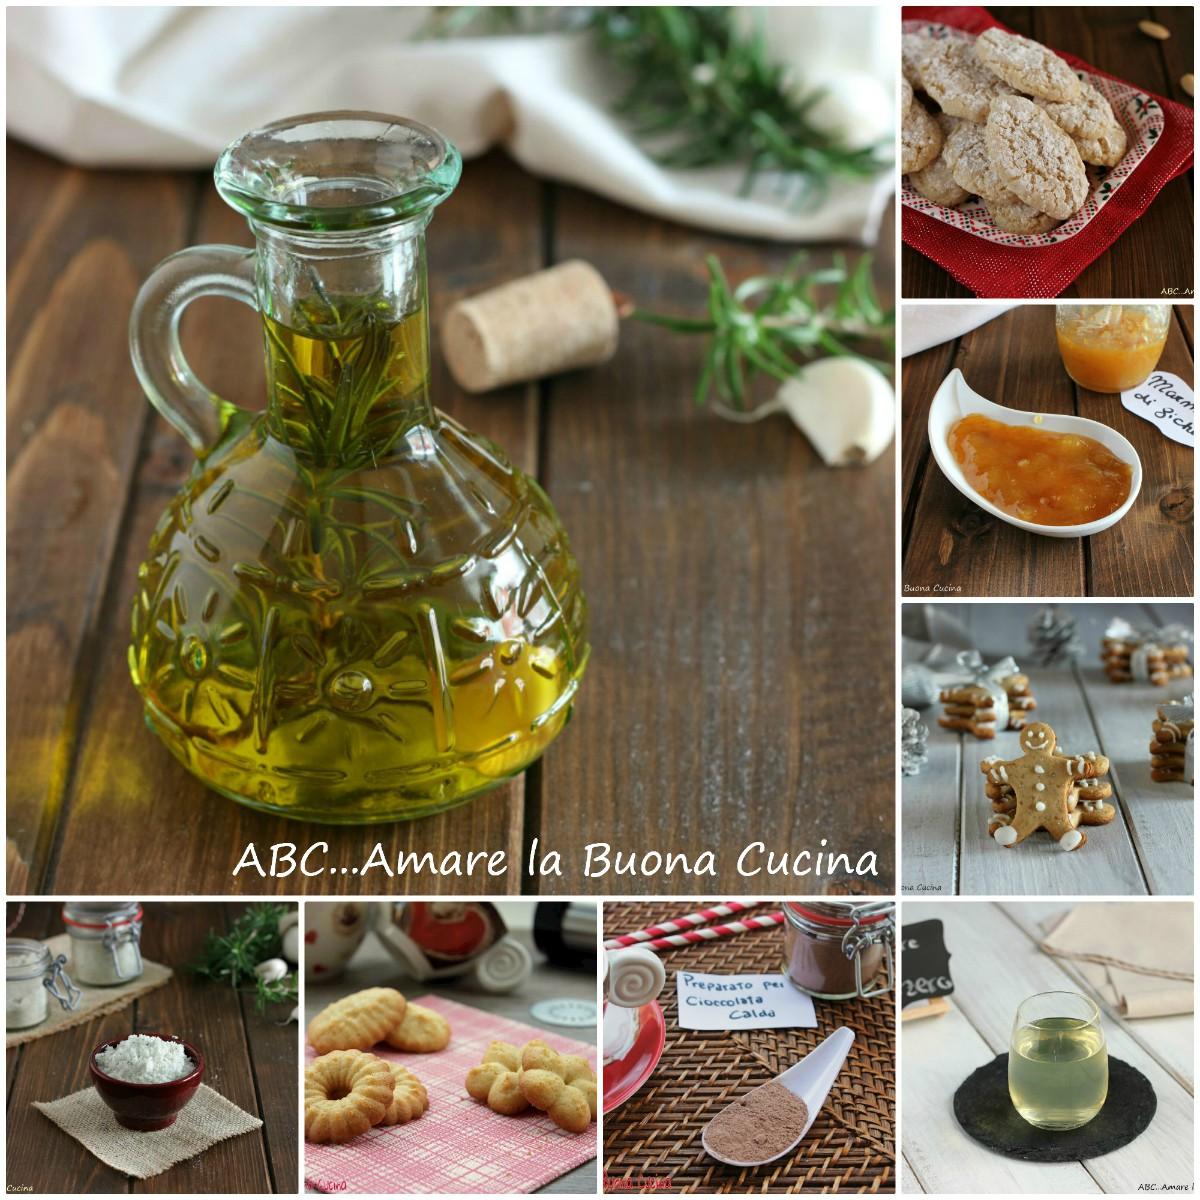 Idee regalo homemade per Natale - ABC...Amare la Buona Cucina